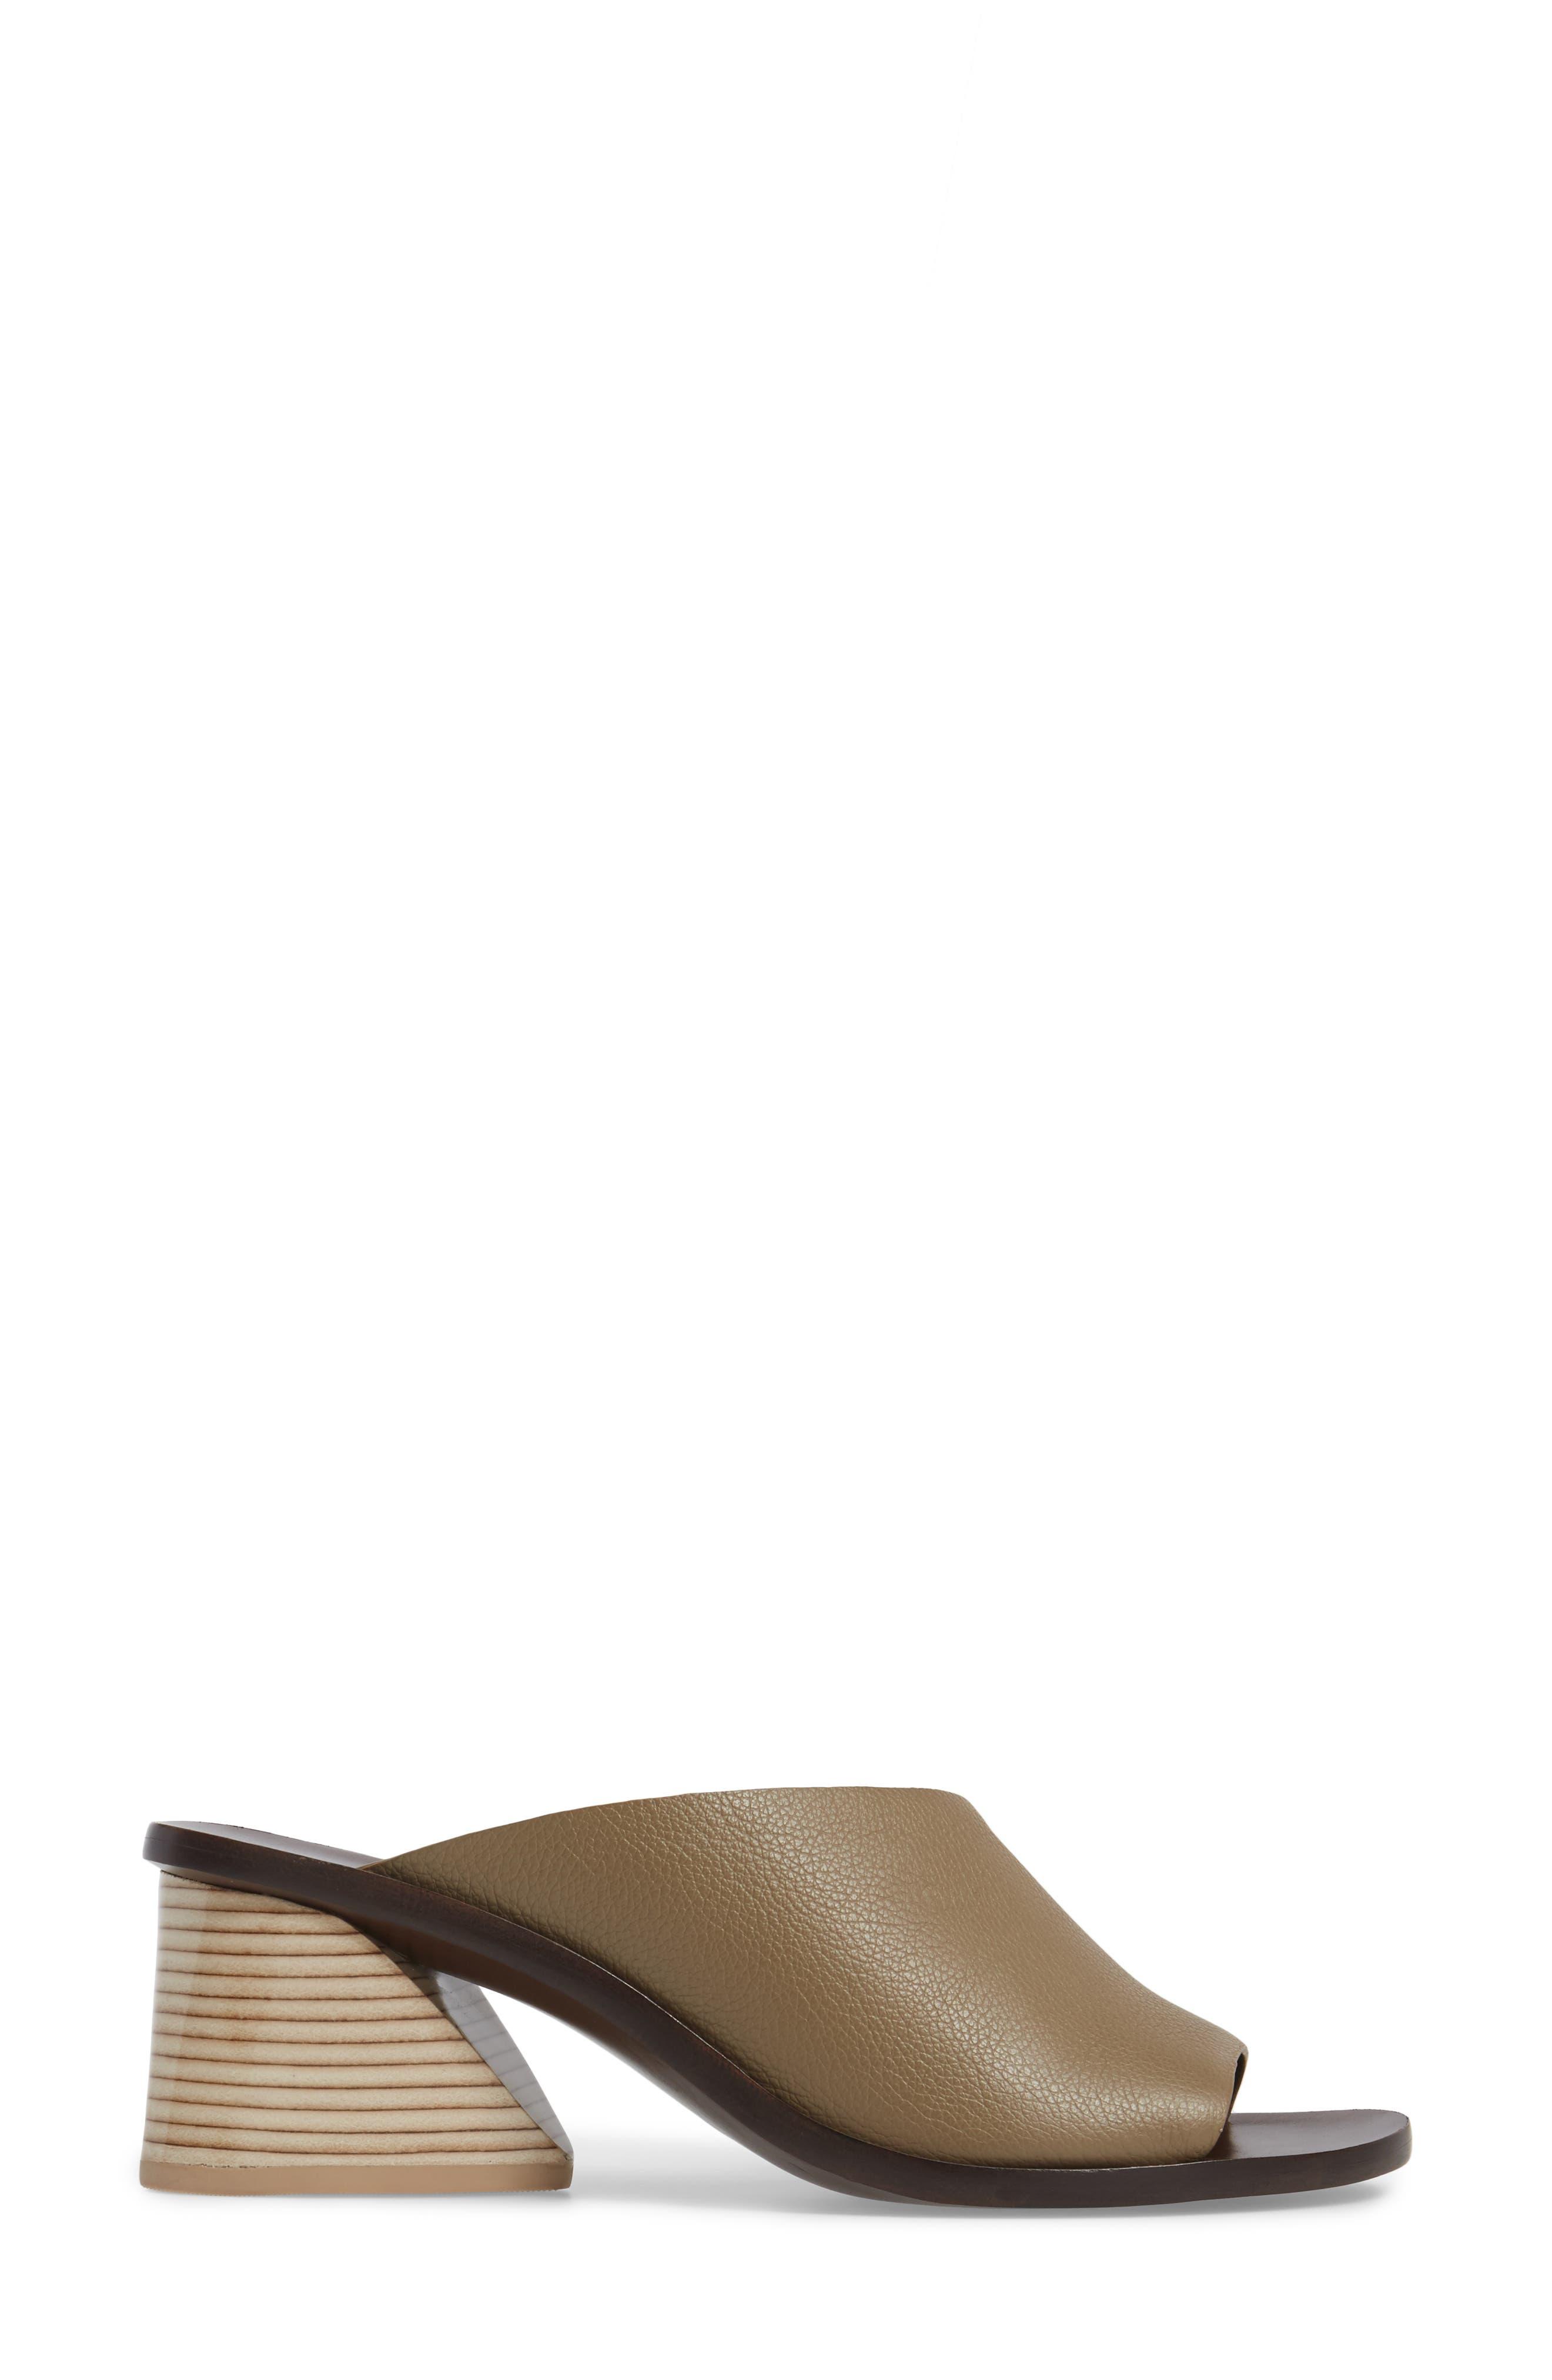 Alternate Image 3  - Mercedes Castillo Izar Slide Sandal (Women)